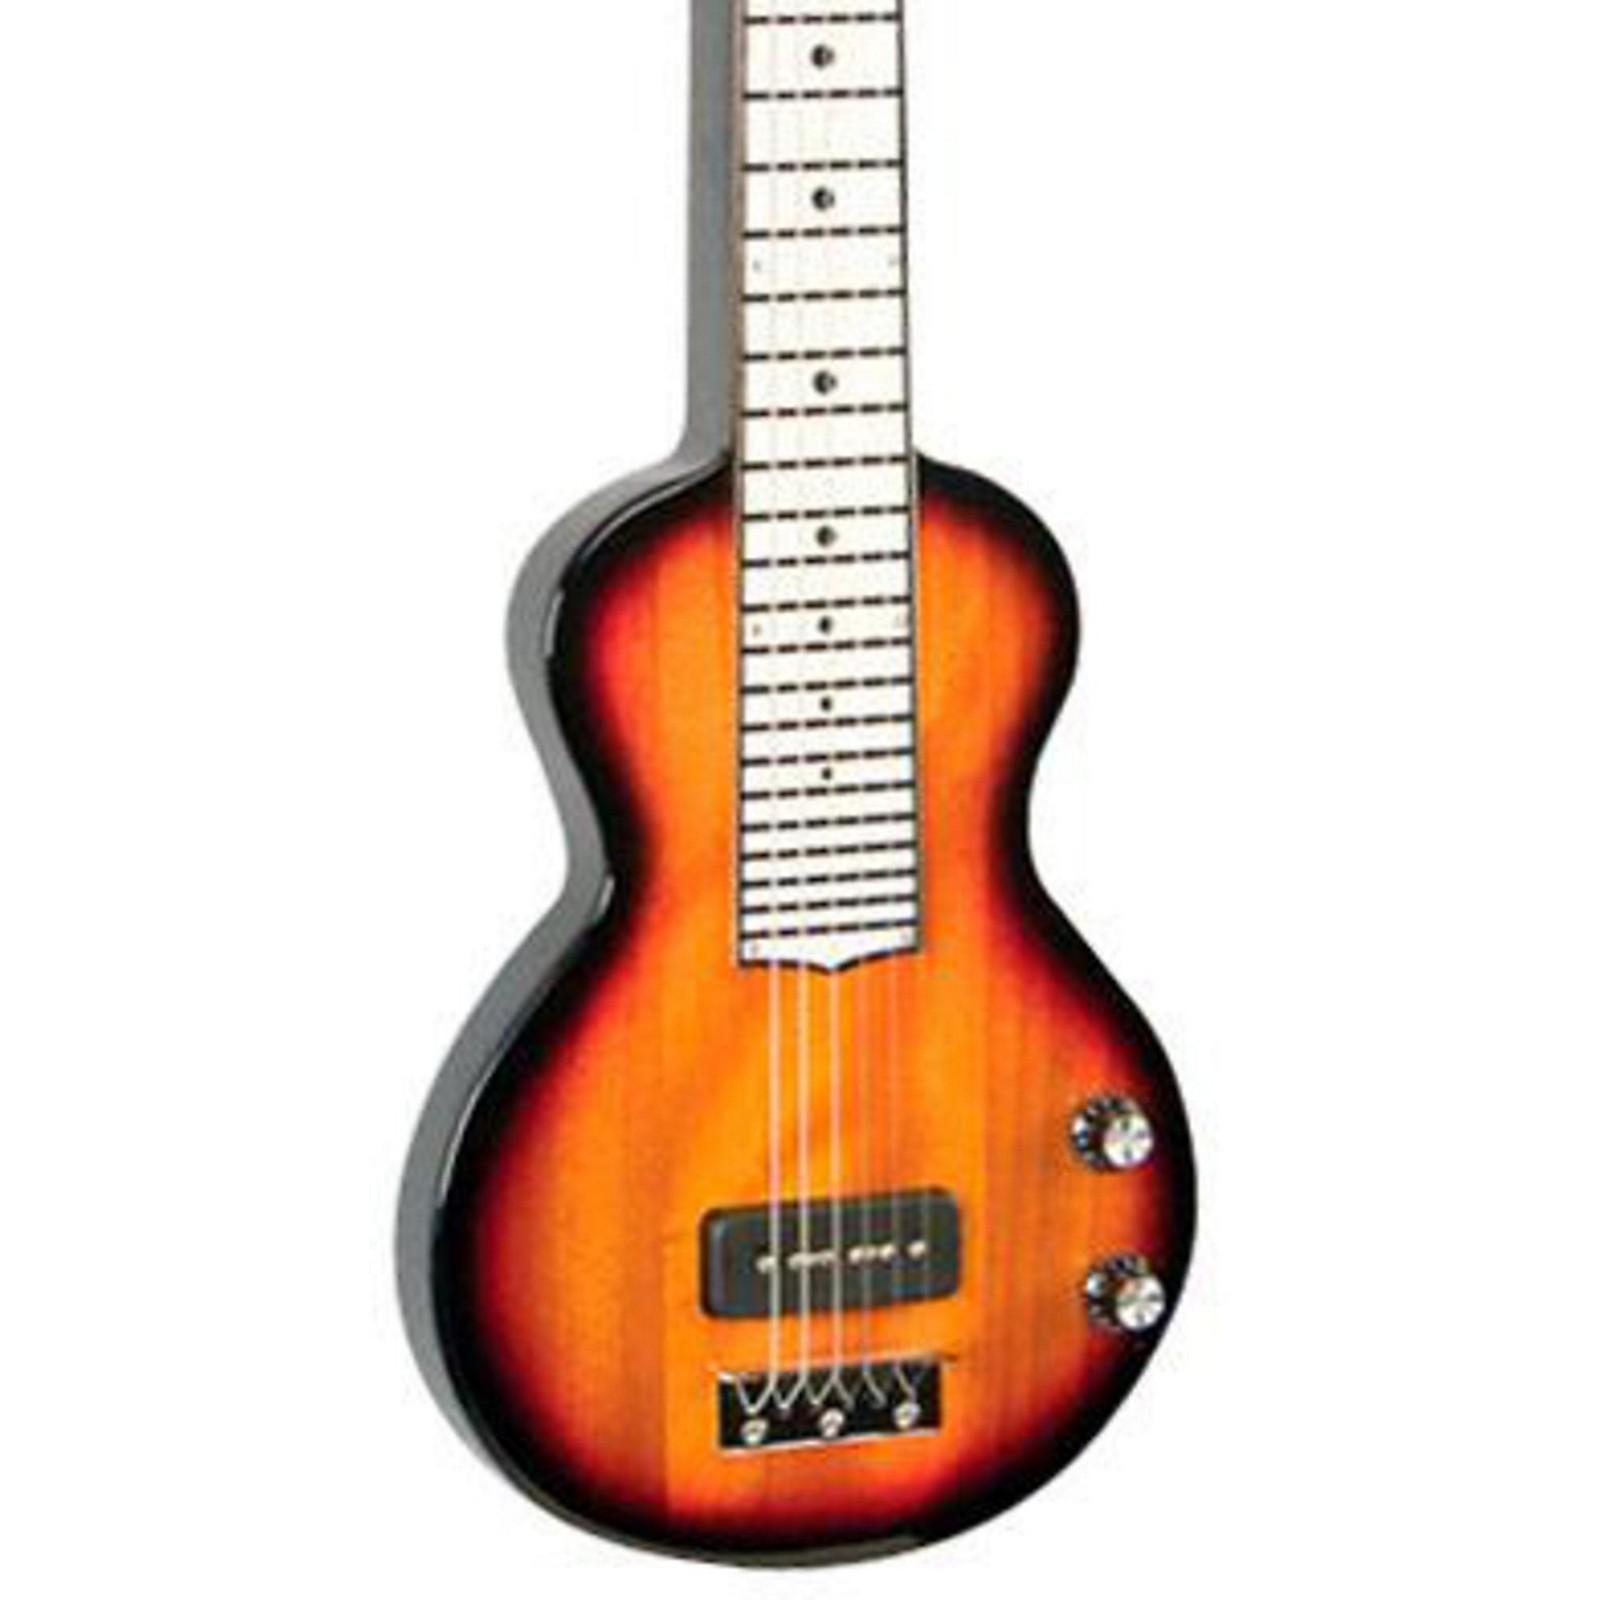 Recording King RG-32 Lap Steel Guitar